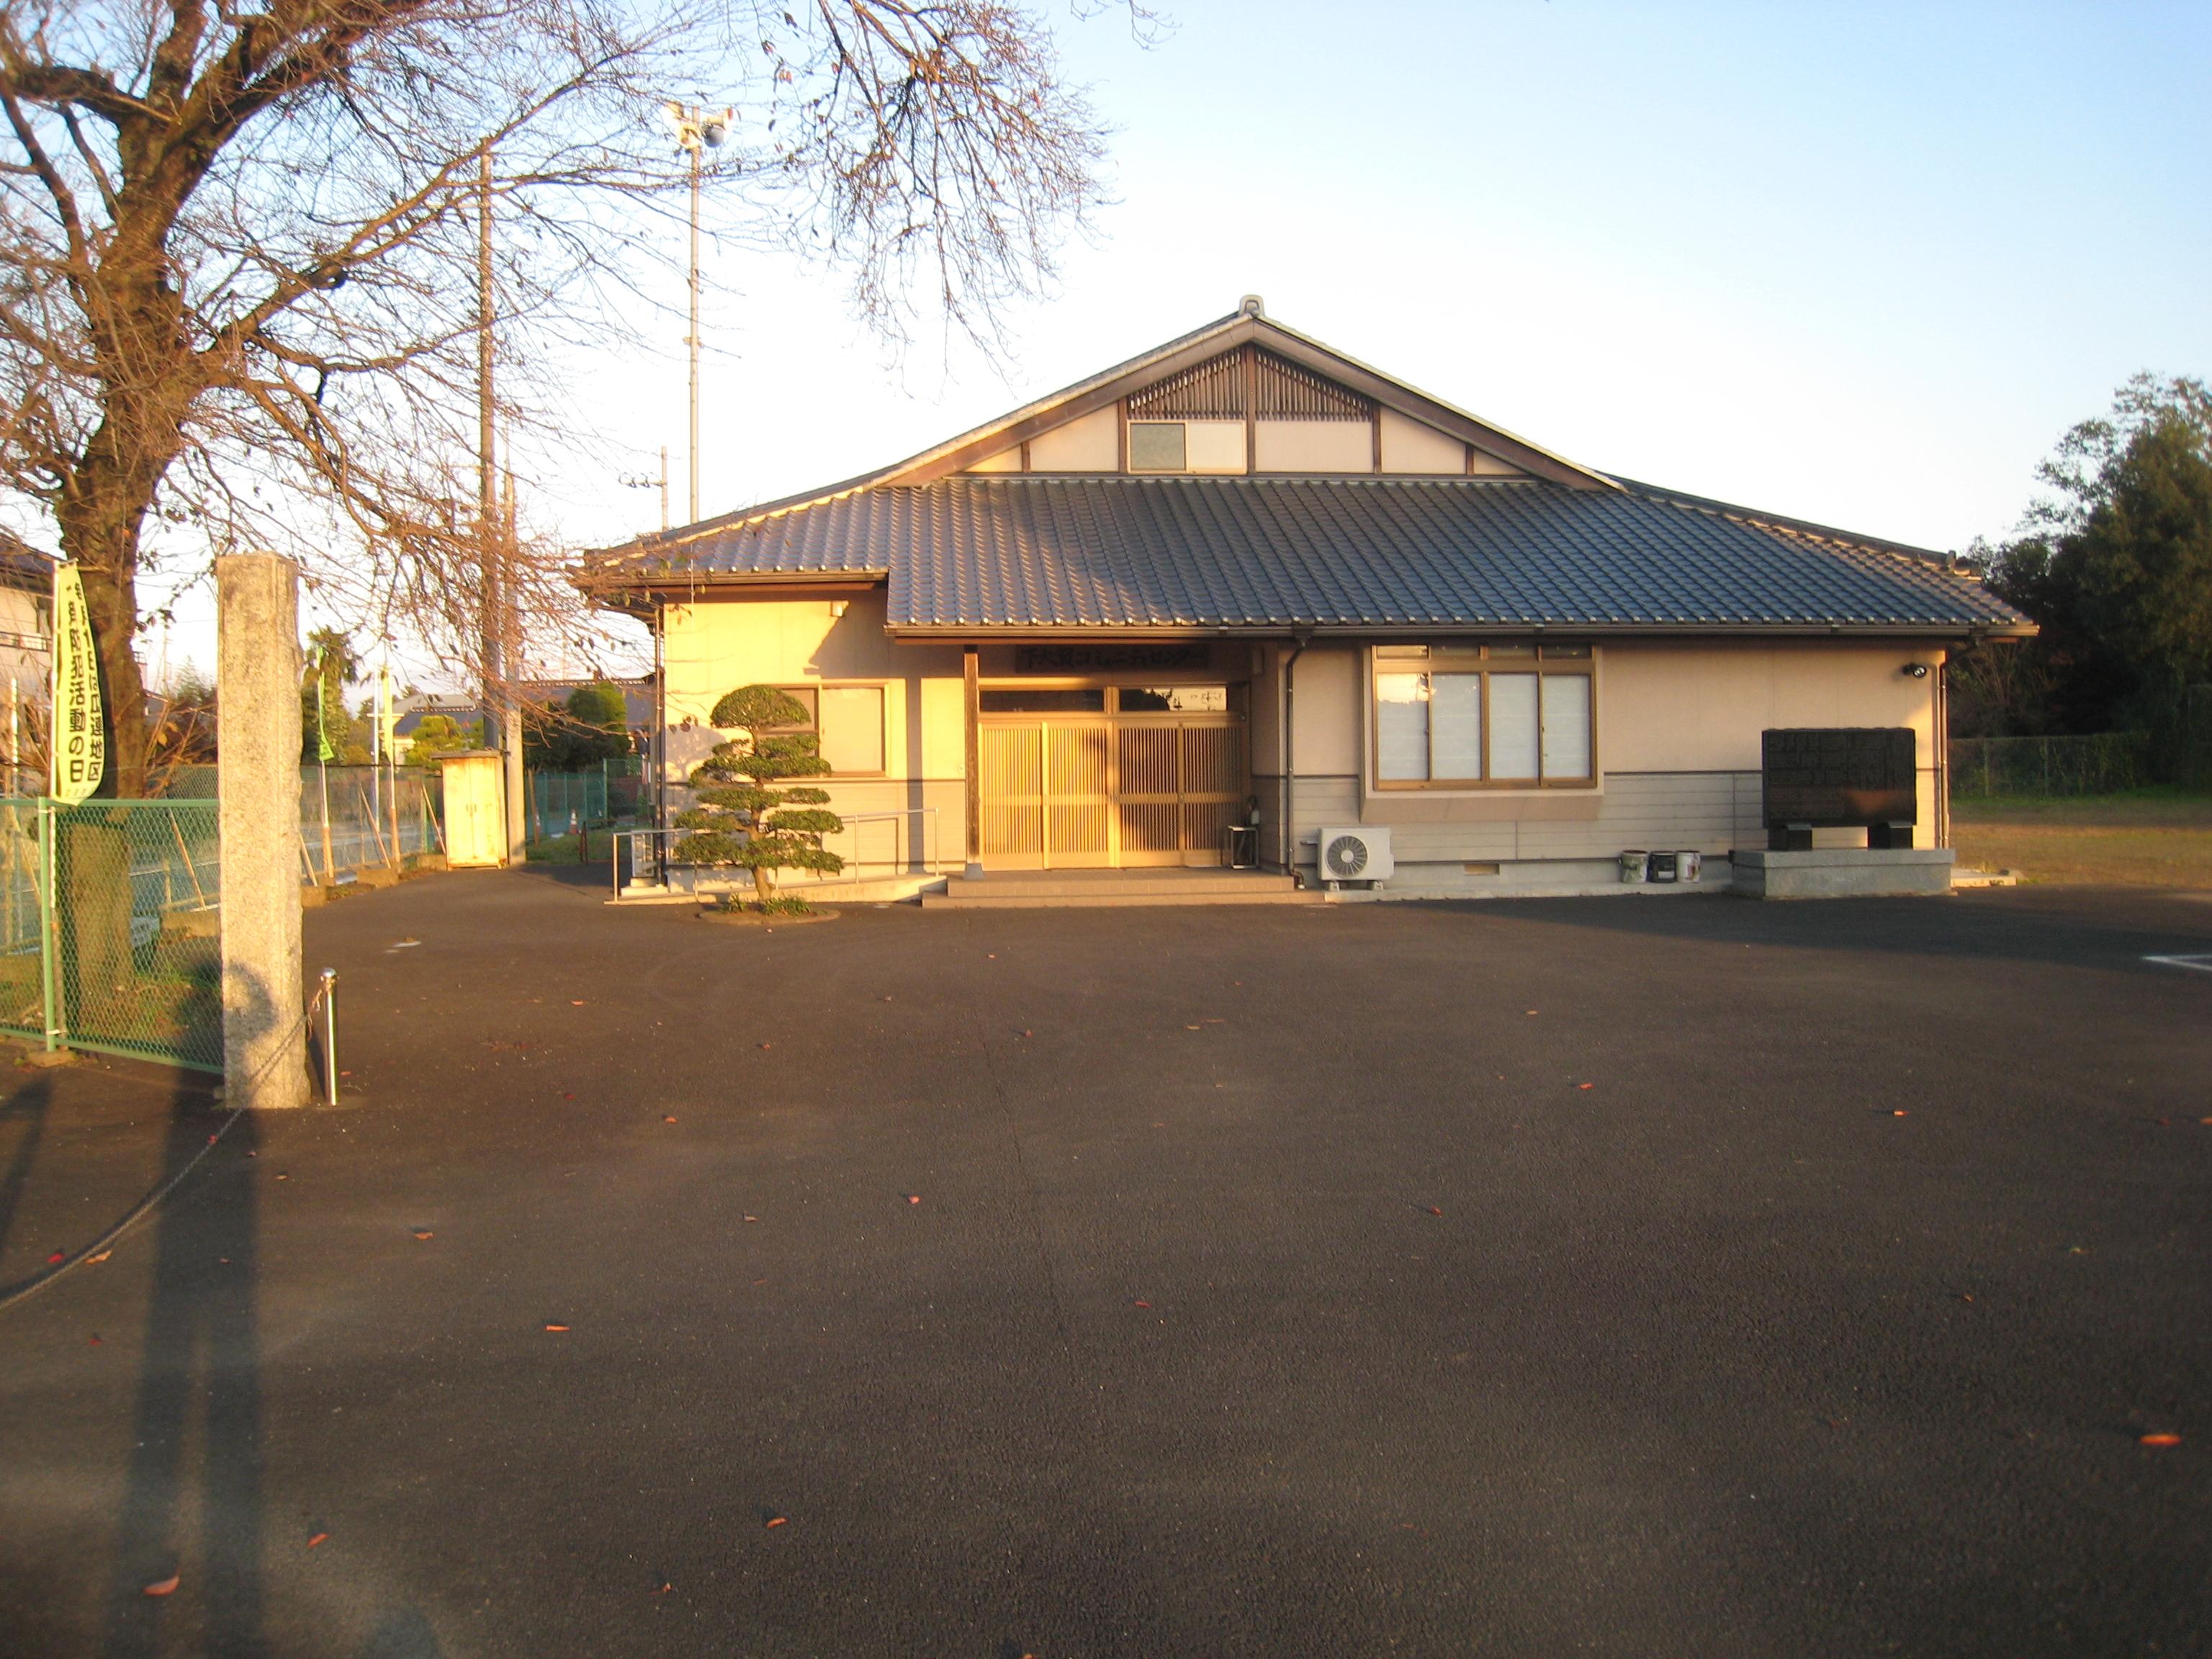 施設:㉕瓜連第4投票区 下大賀コミュニティセンター